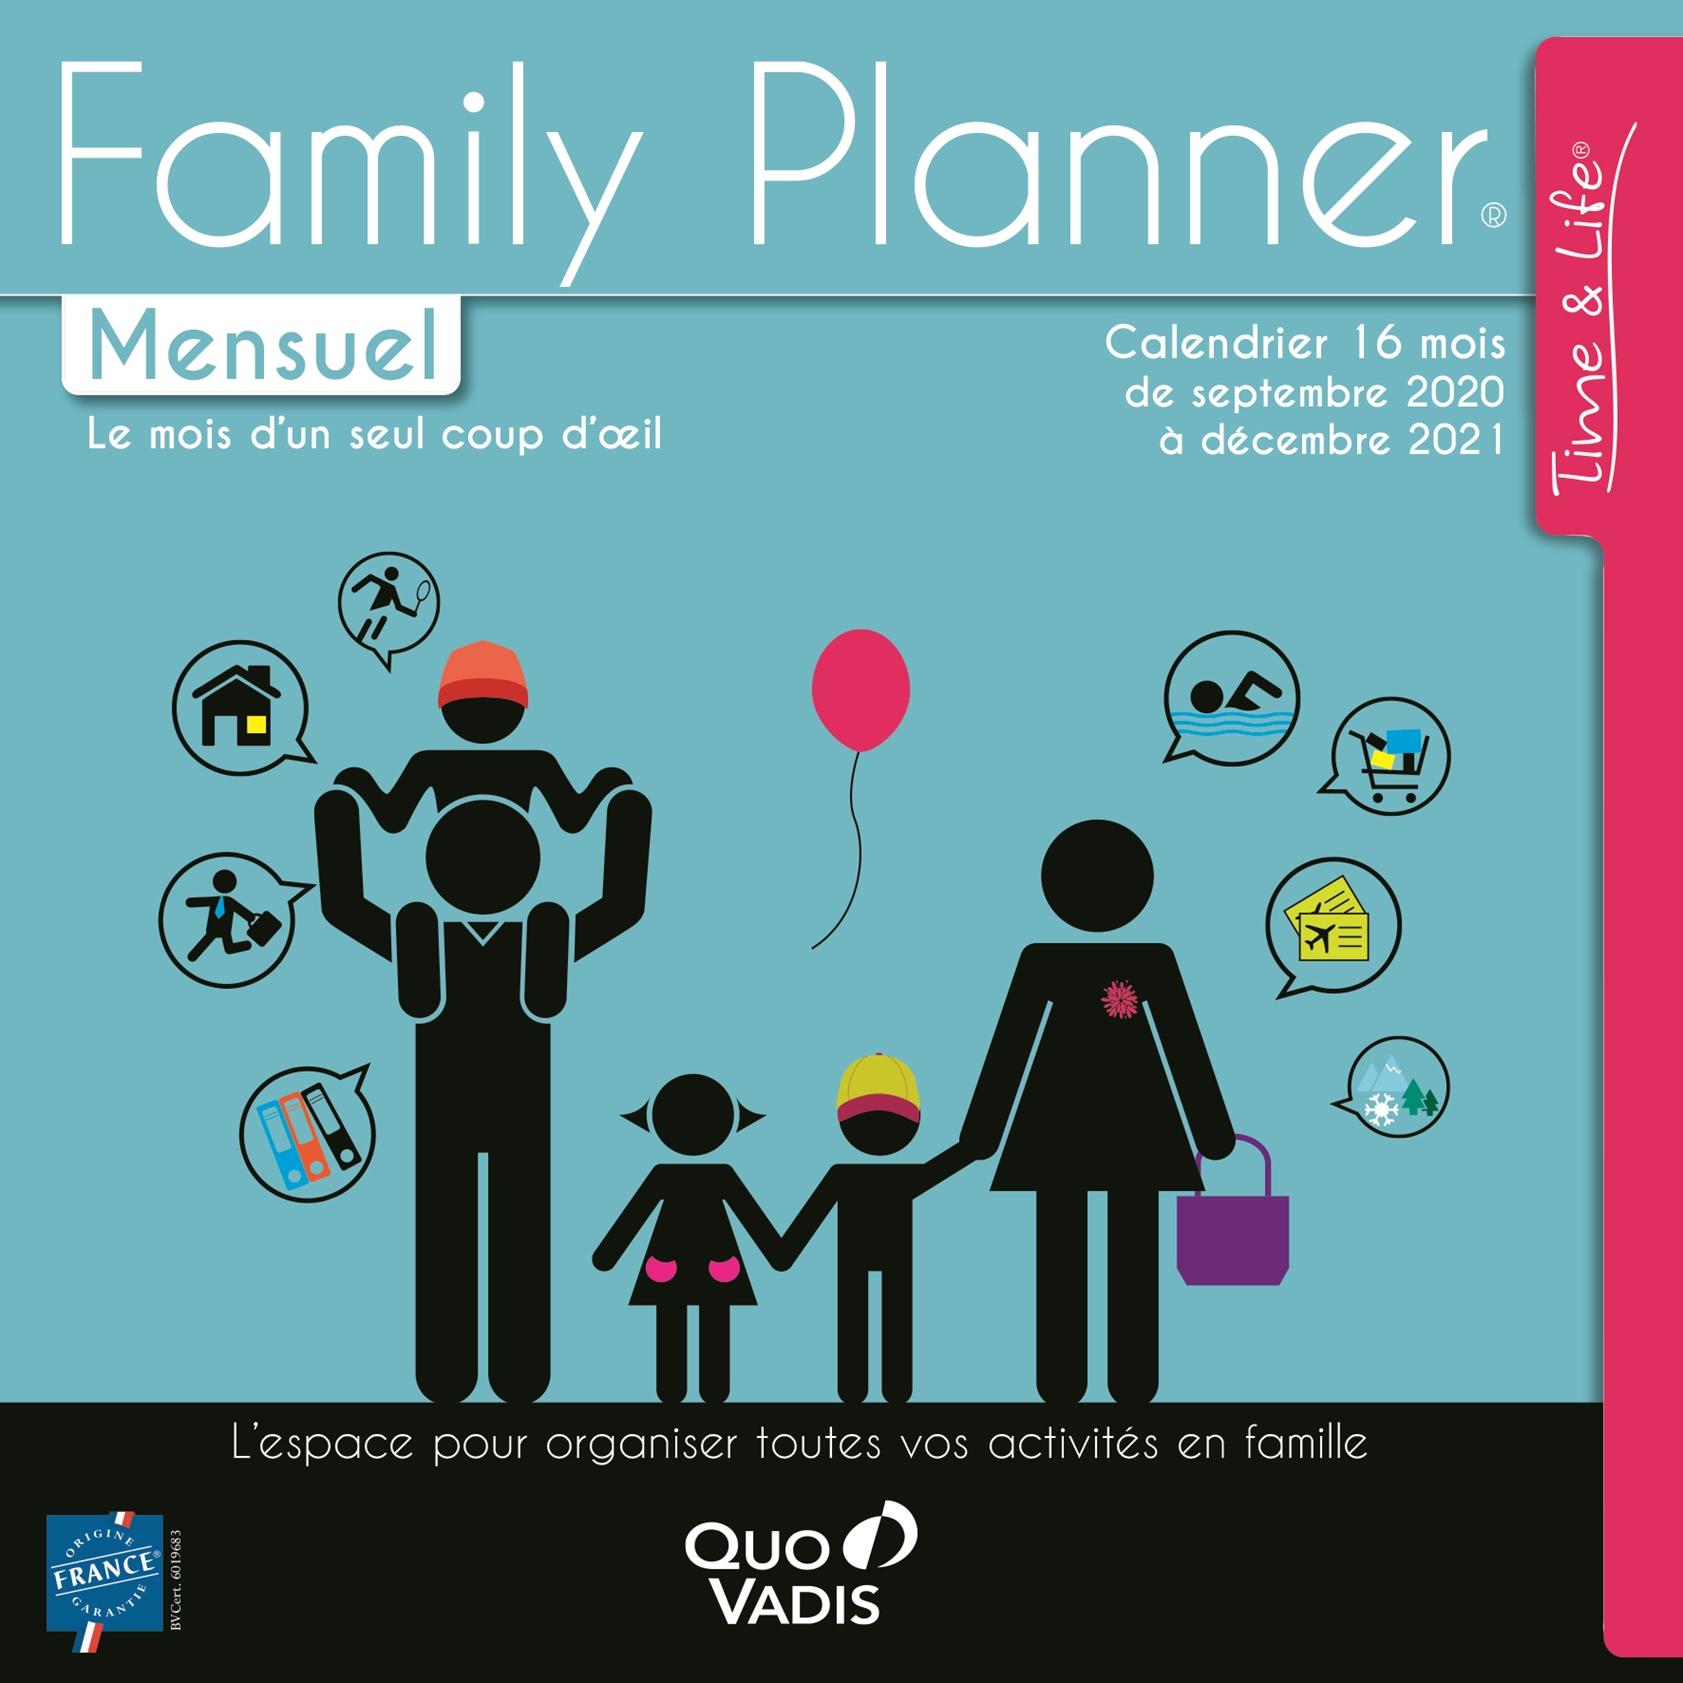 Calendrier Famlily Planner Mensuel Septembre/Décembre - 30 x 30 cm - Quo Vadis